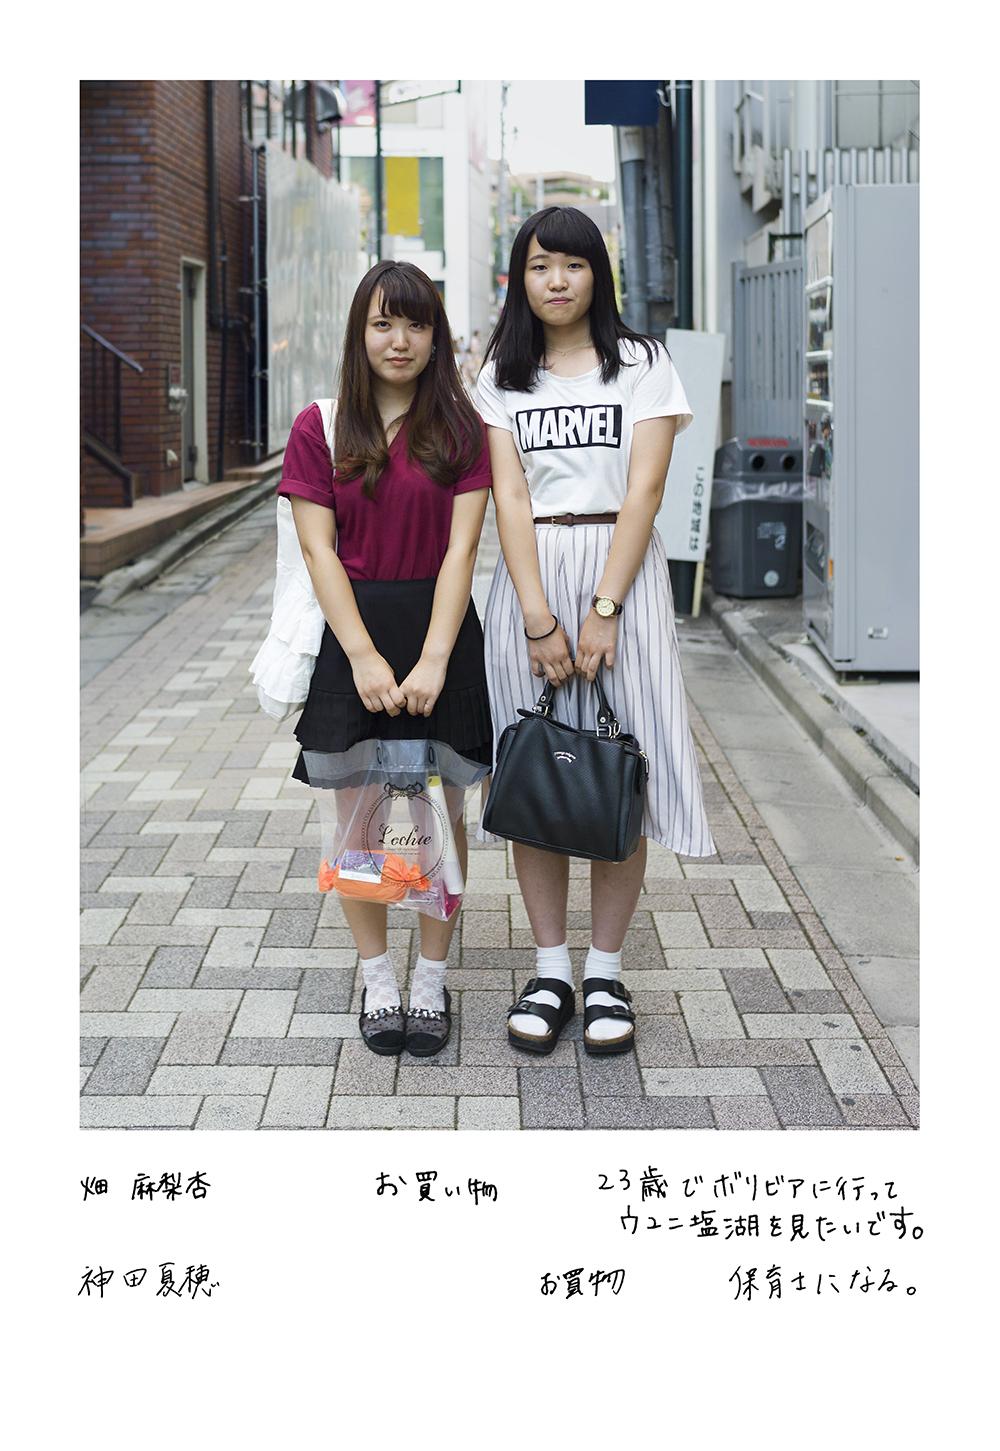 Image 10 / 10